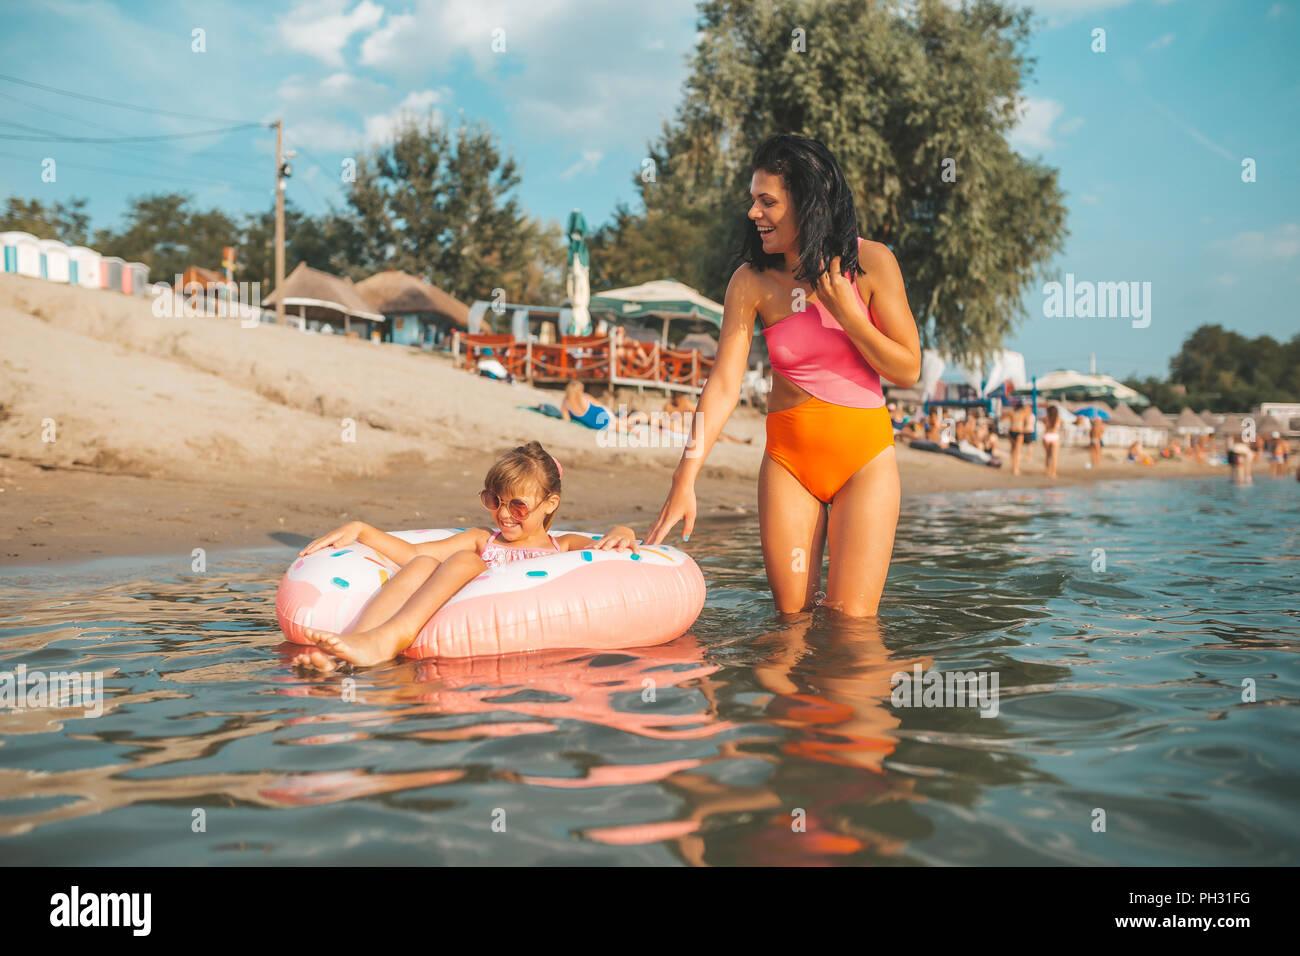 Madre e hija nadar y relajarse en el agua en un donut inflable. Vacaciones de verano Imagen De Stock